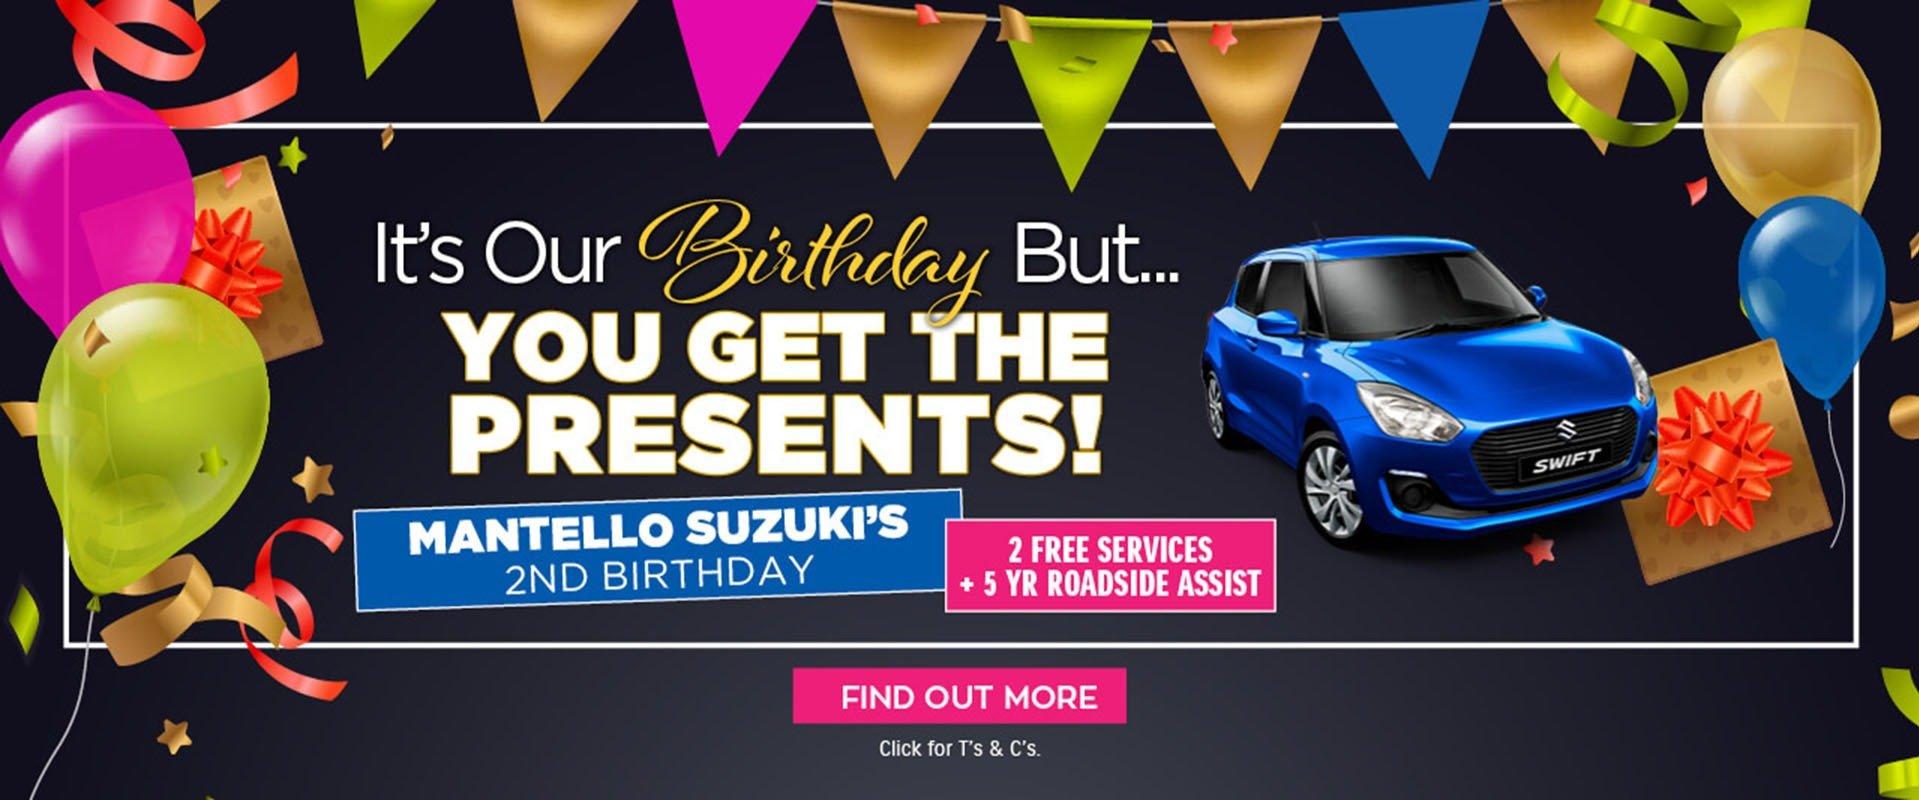 Mantello Suzuki's 2nd Birthday!